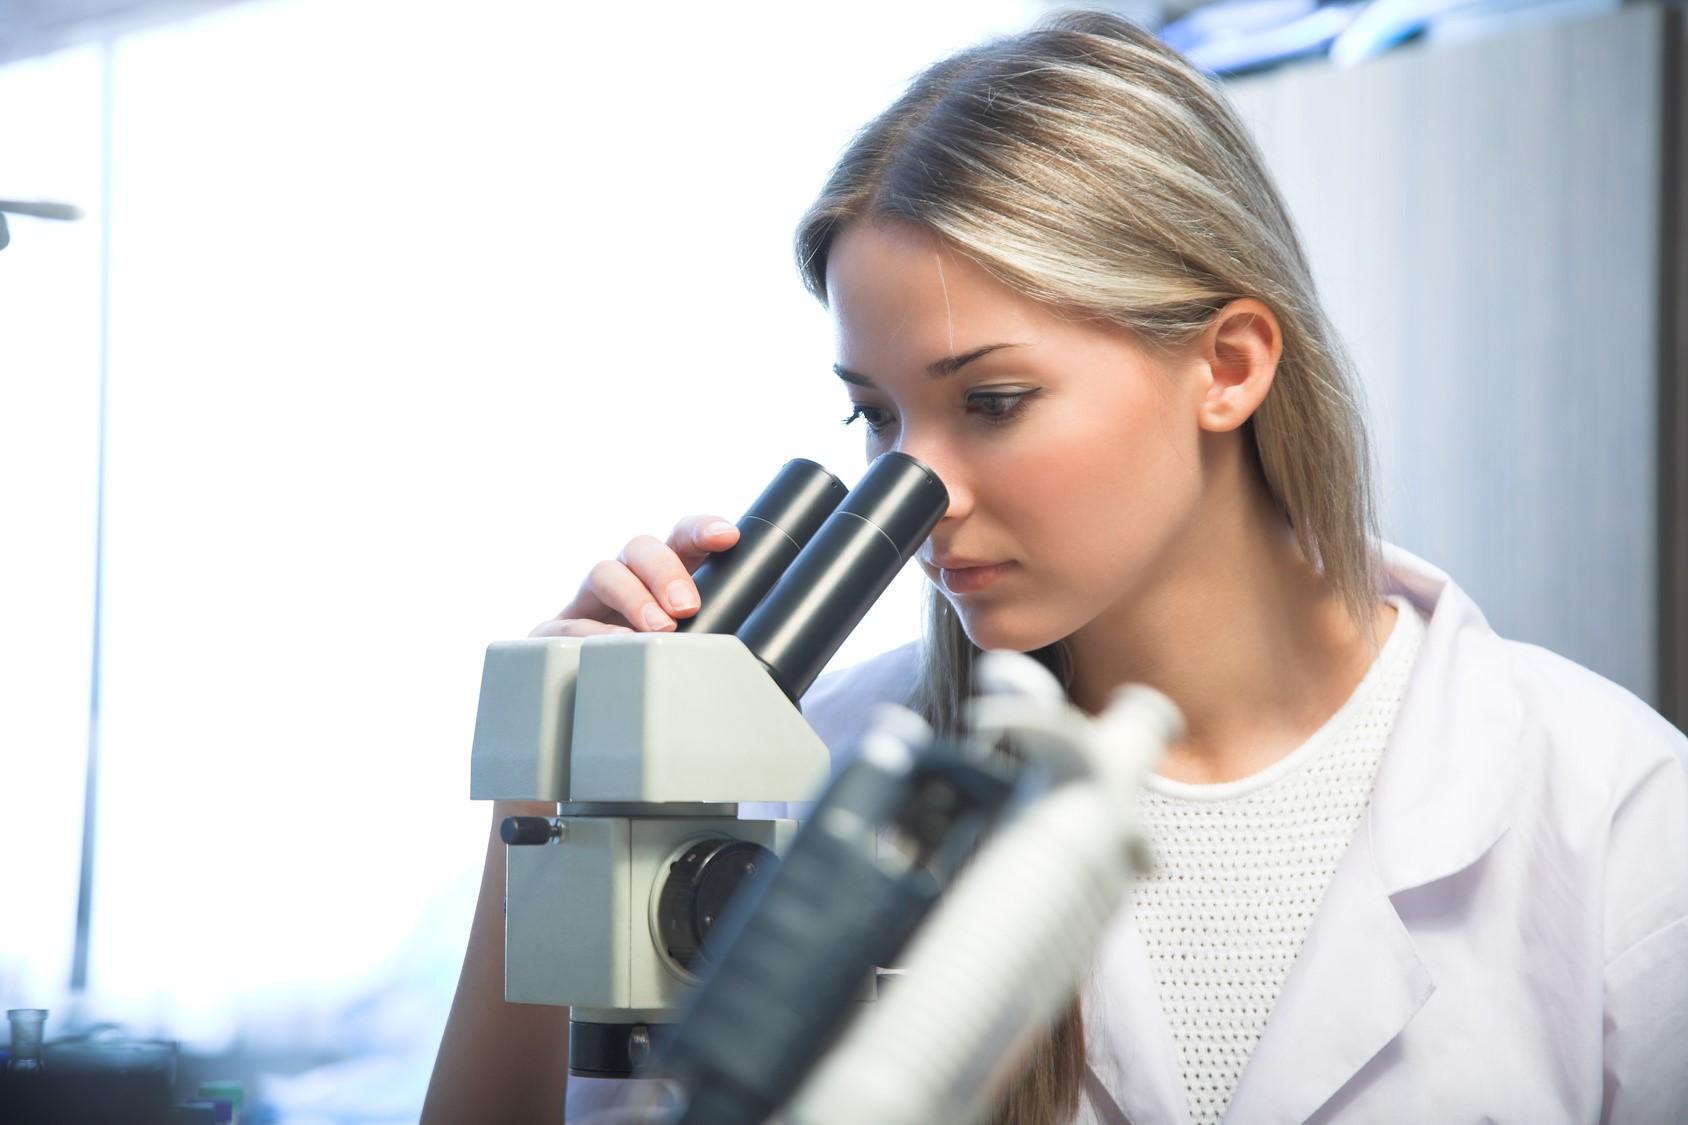 Aritificial Retina Implantation